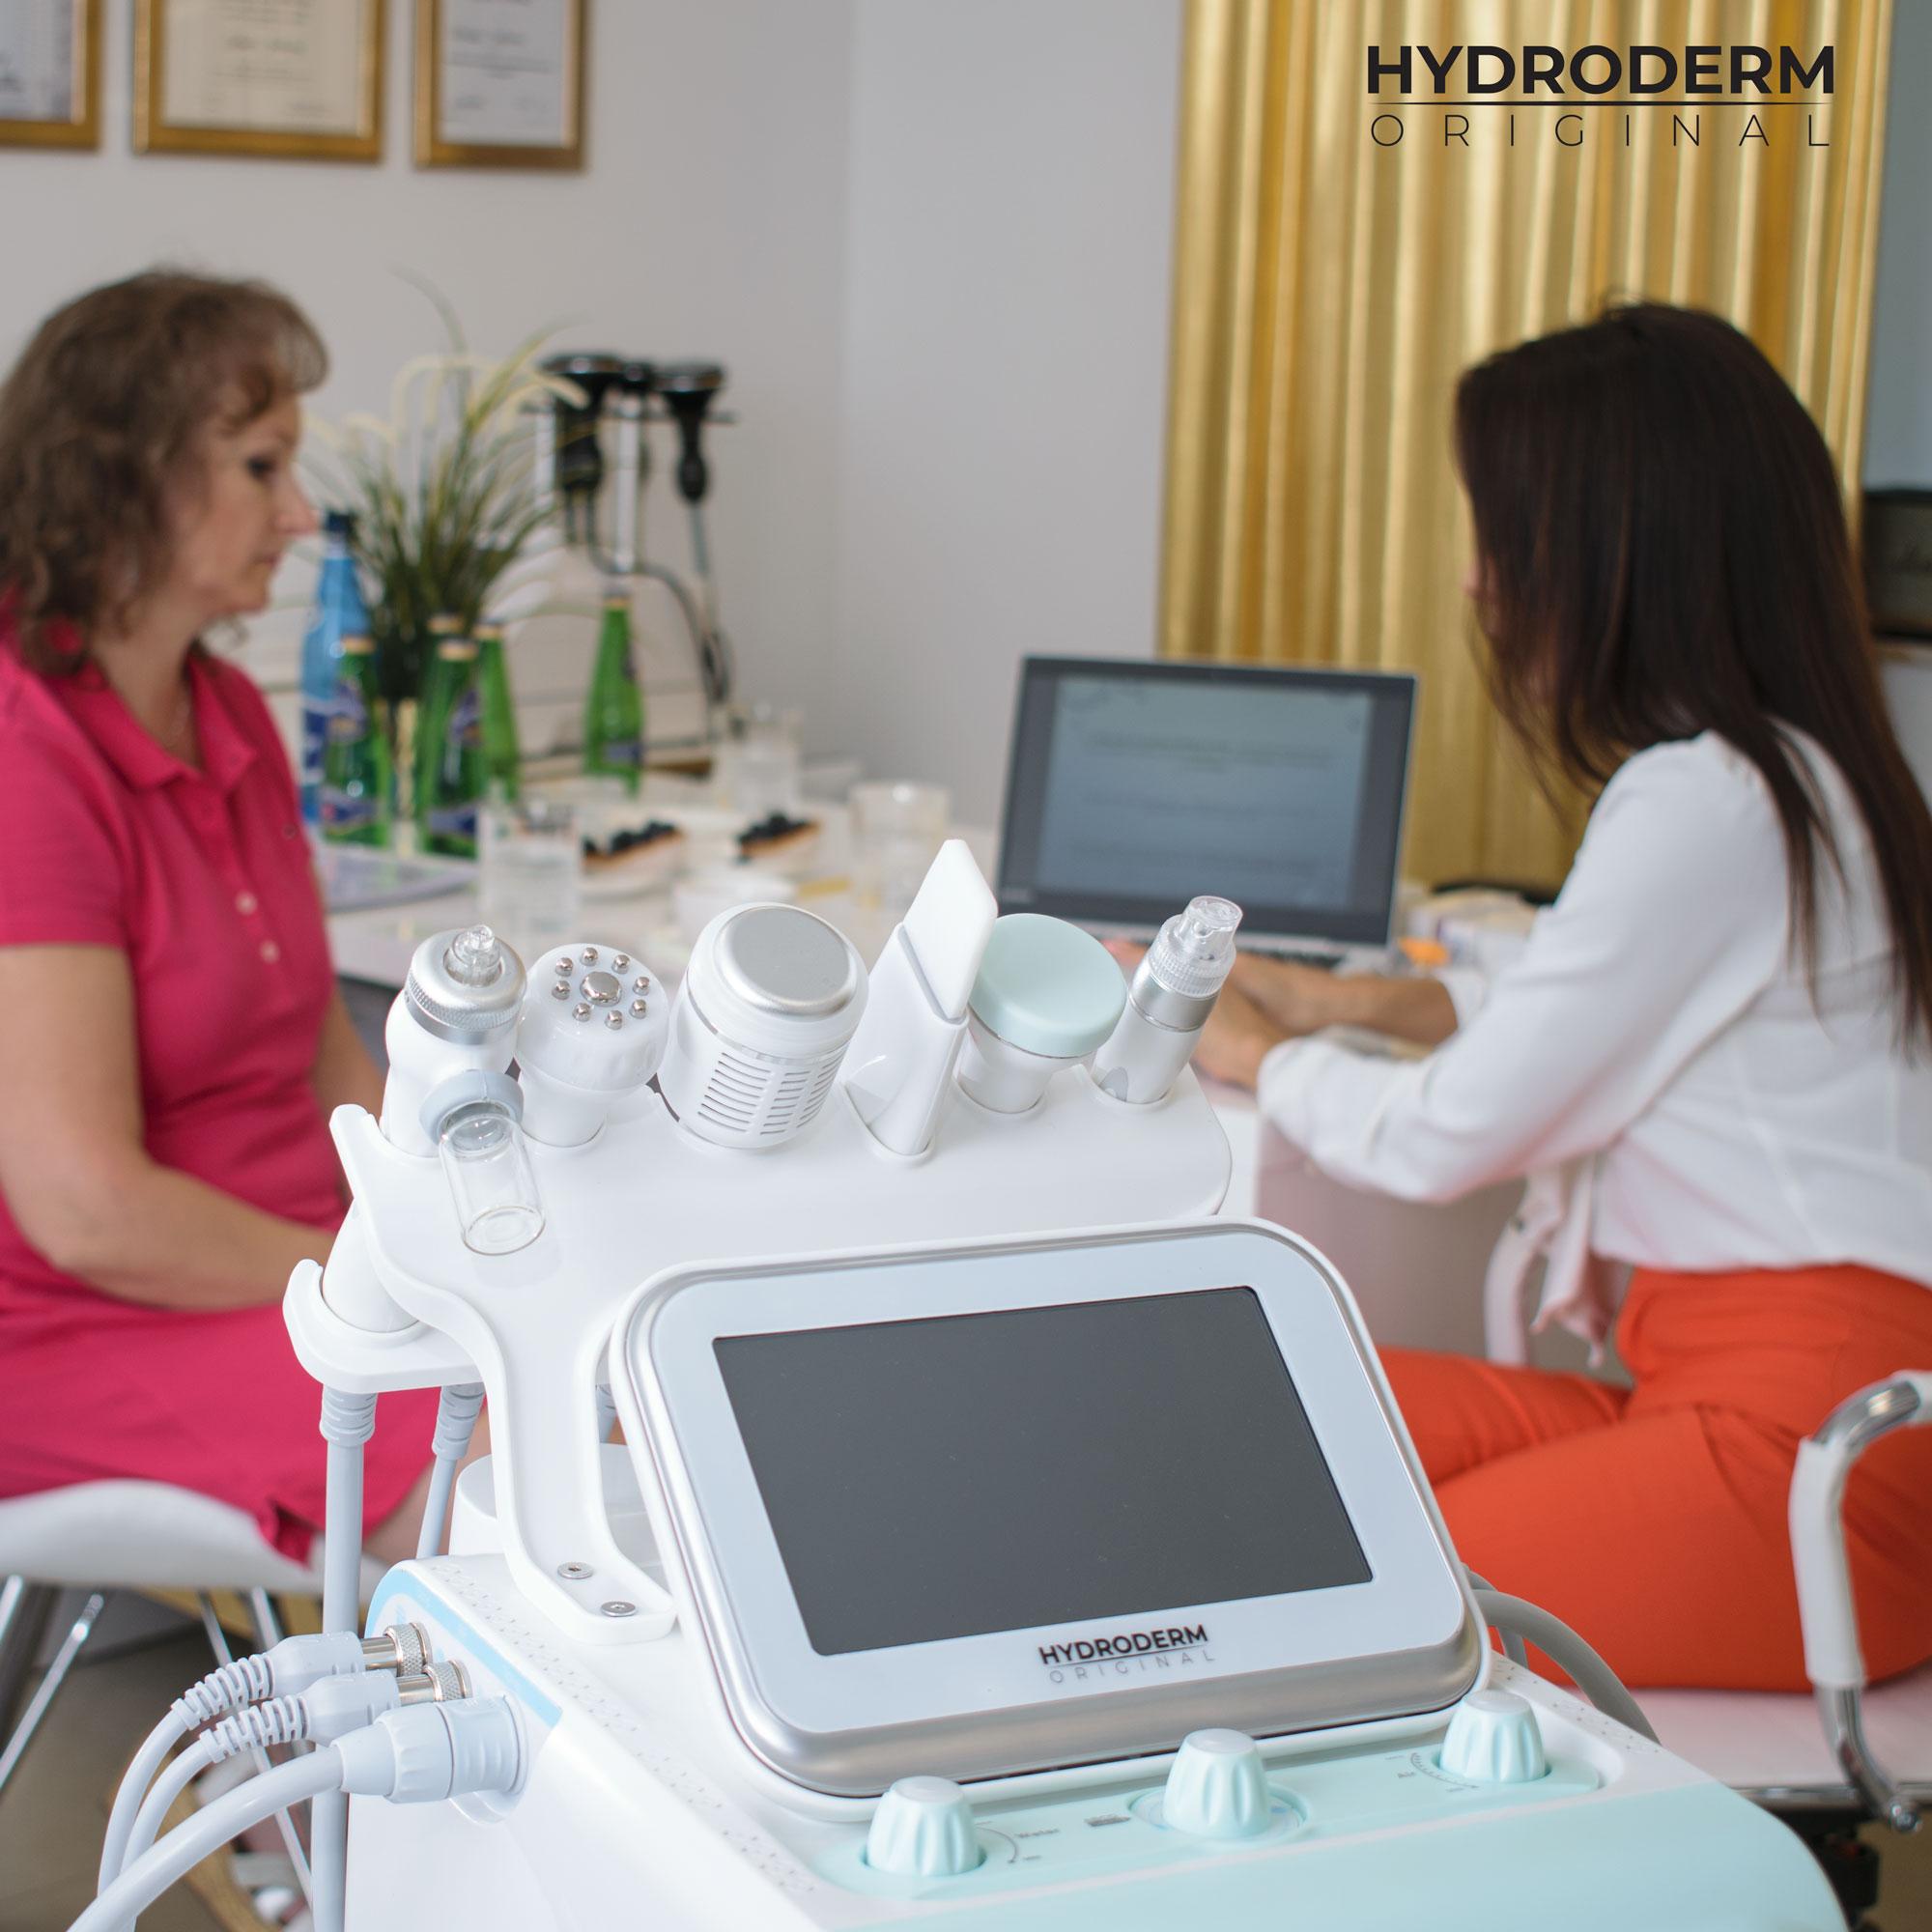 Oczyszczanie aktywnym wodorem wymaga posiadania określonej wiedzy teorytycznej, którą przedstawia nasz utalentowany kosmetolog